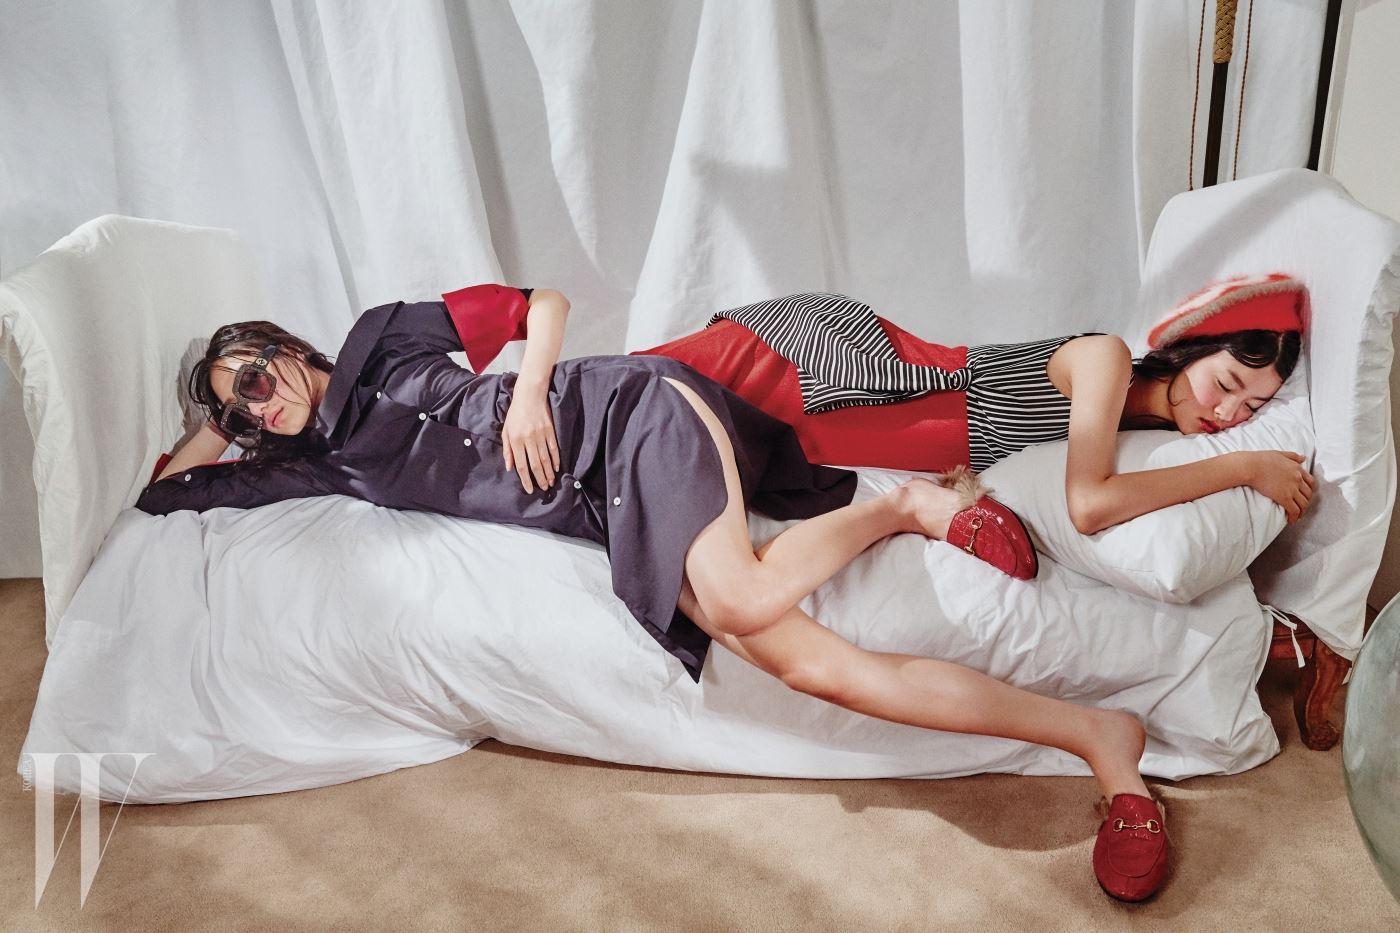 왼쪽부터 | 오프숄더 셔츠 드레스는 And You, 크리스털 장식의 사각 프레임 선글라스와 모피를 덧댄 빨간 가죽 뮬은 Gucci, 펄이 들어간 빨간 니트 드레스와 톱으로 연출한 꼬임 장식 줄무늬 원피스는 Zara, 앙고라 니트 베레는 Gucci 제품.